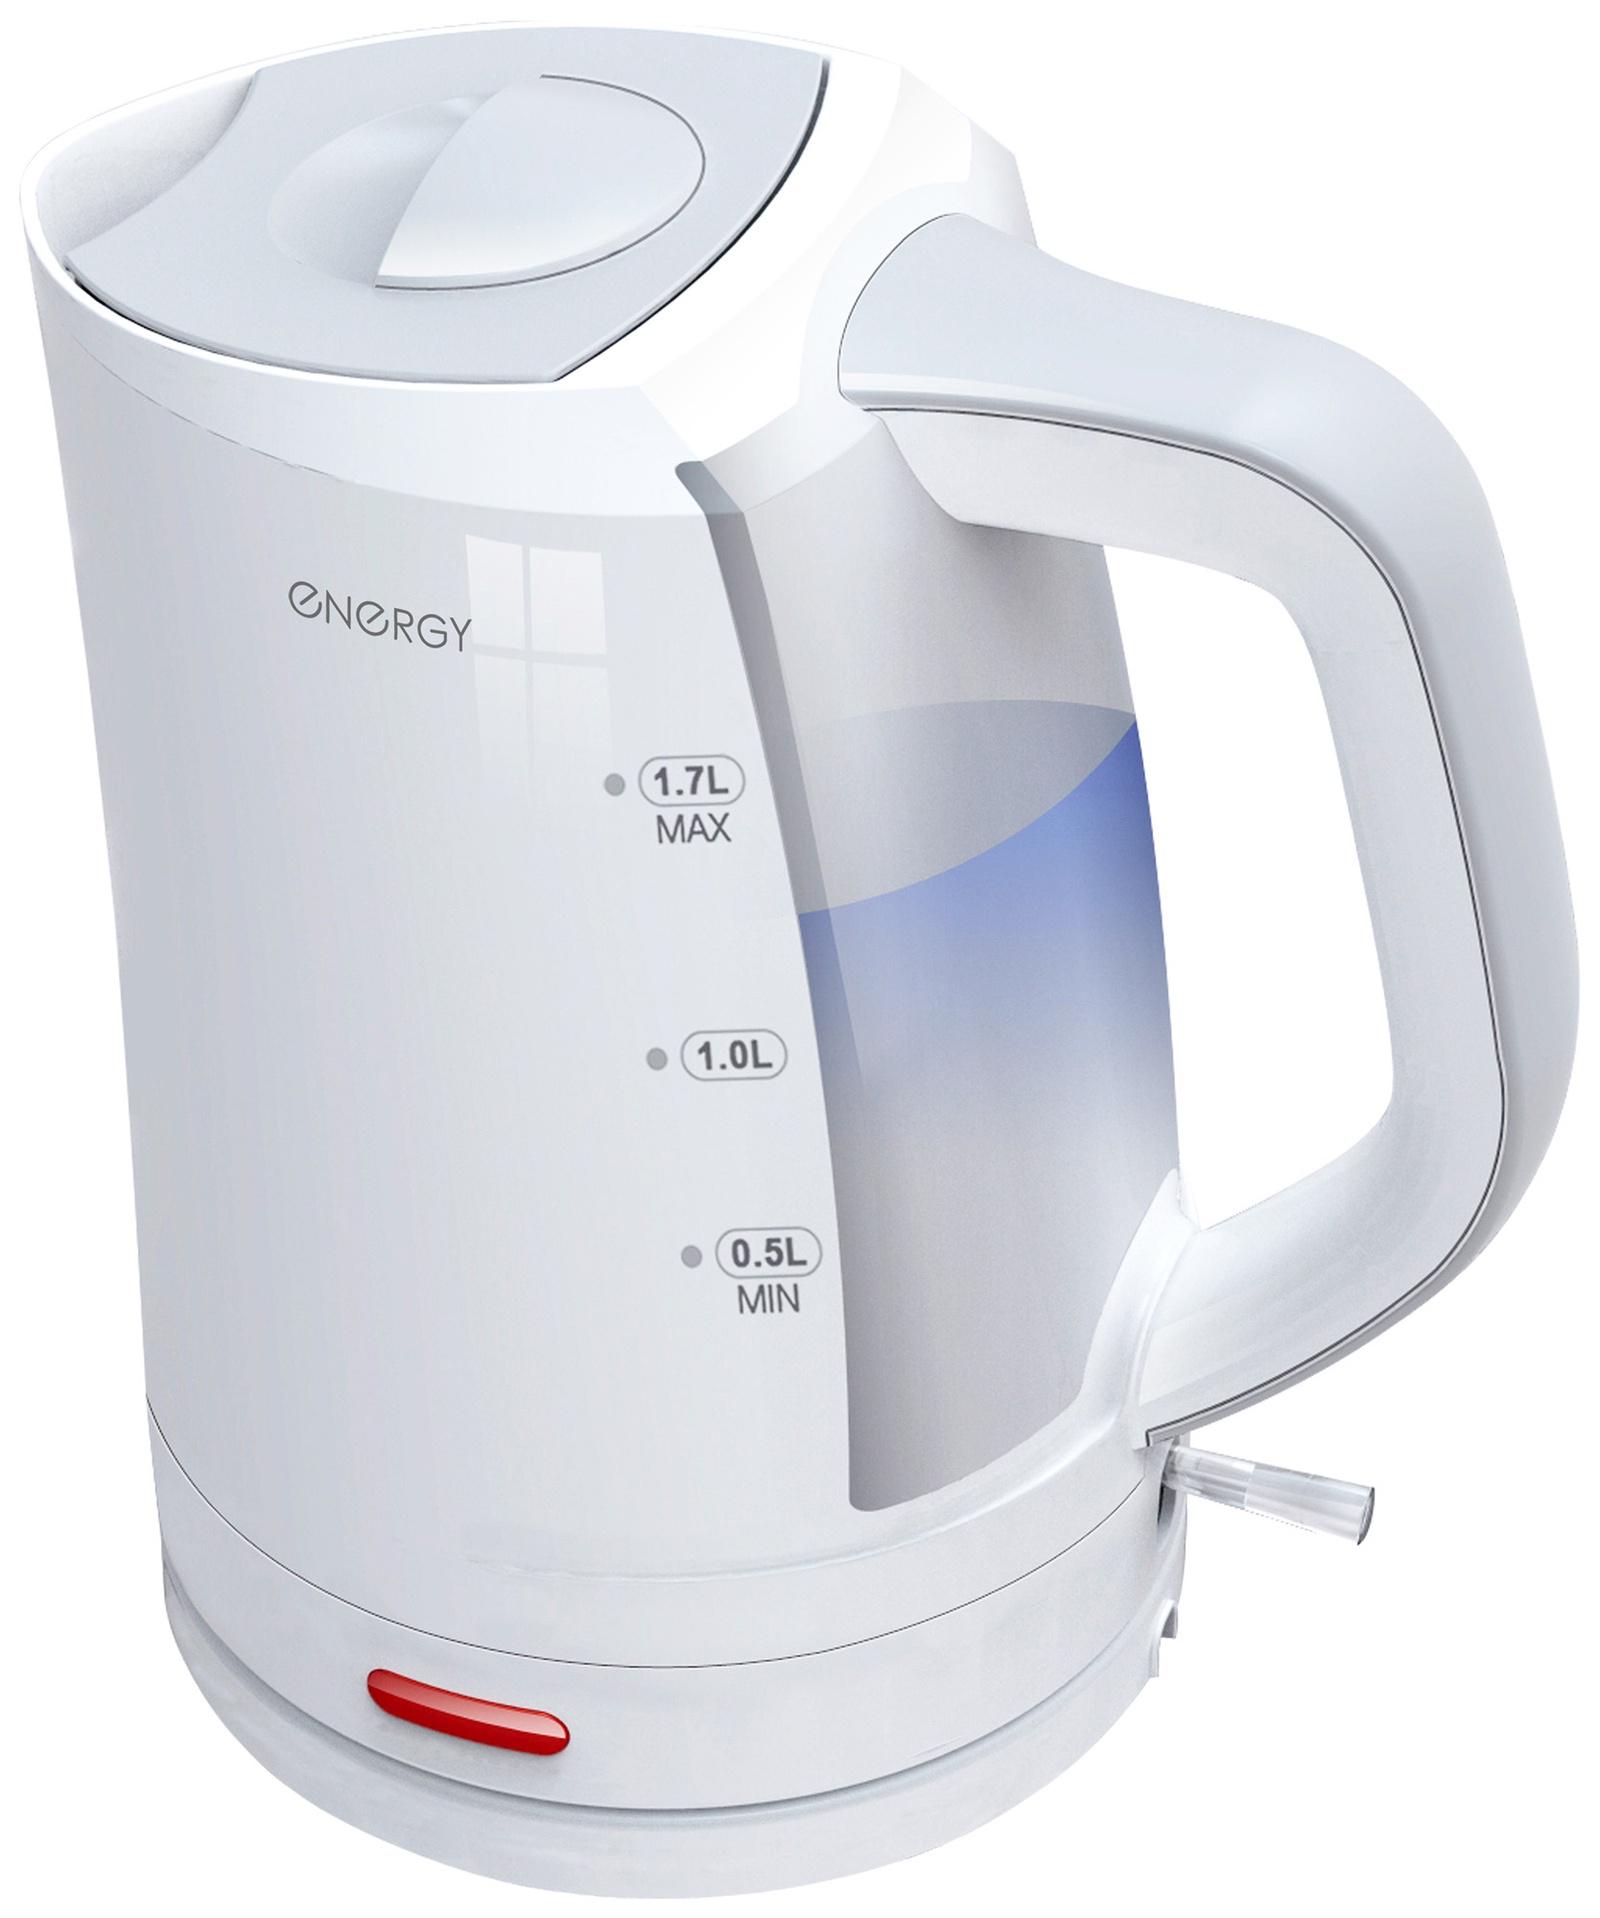 Электрический чайник ENERGY E-220, 54 153069, белый цены онлайн